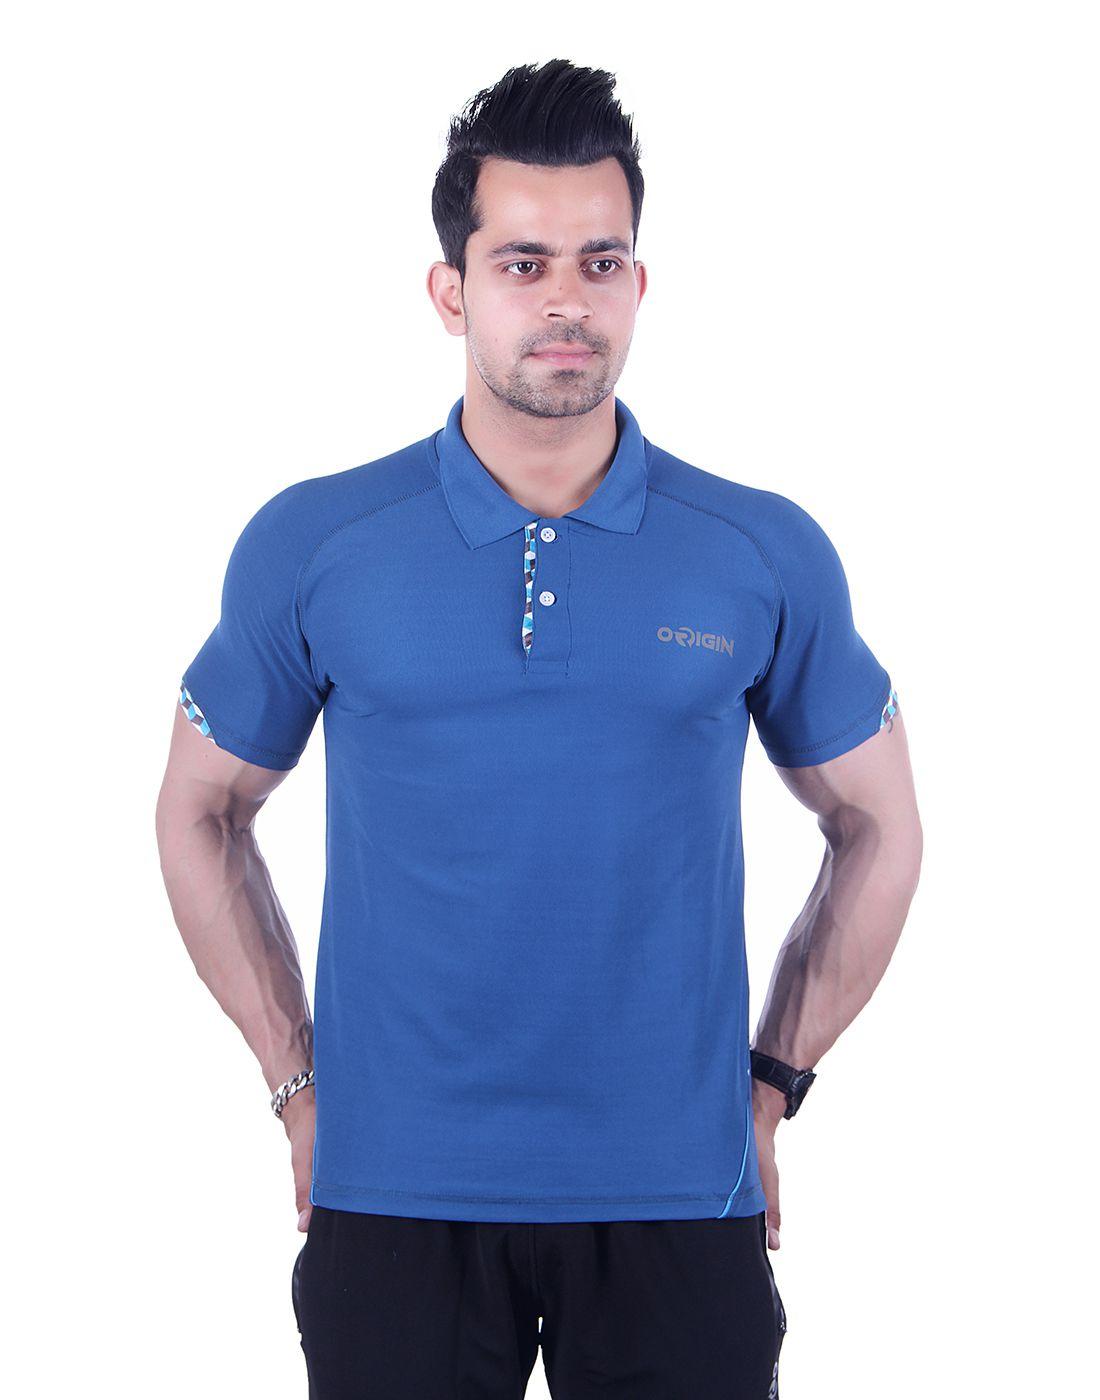 ORIGIN SPORT Indigo Polyester Polo T-Shirt